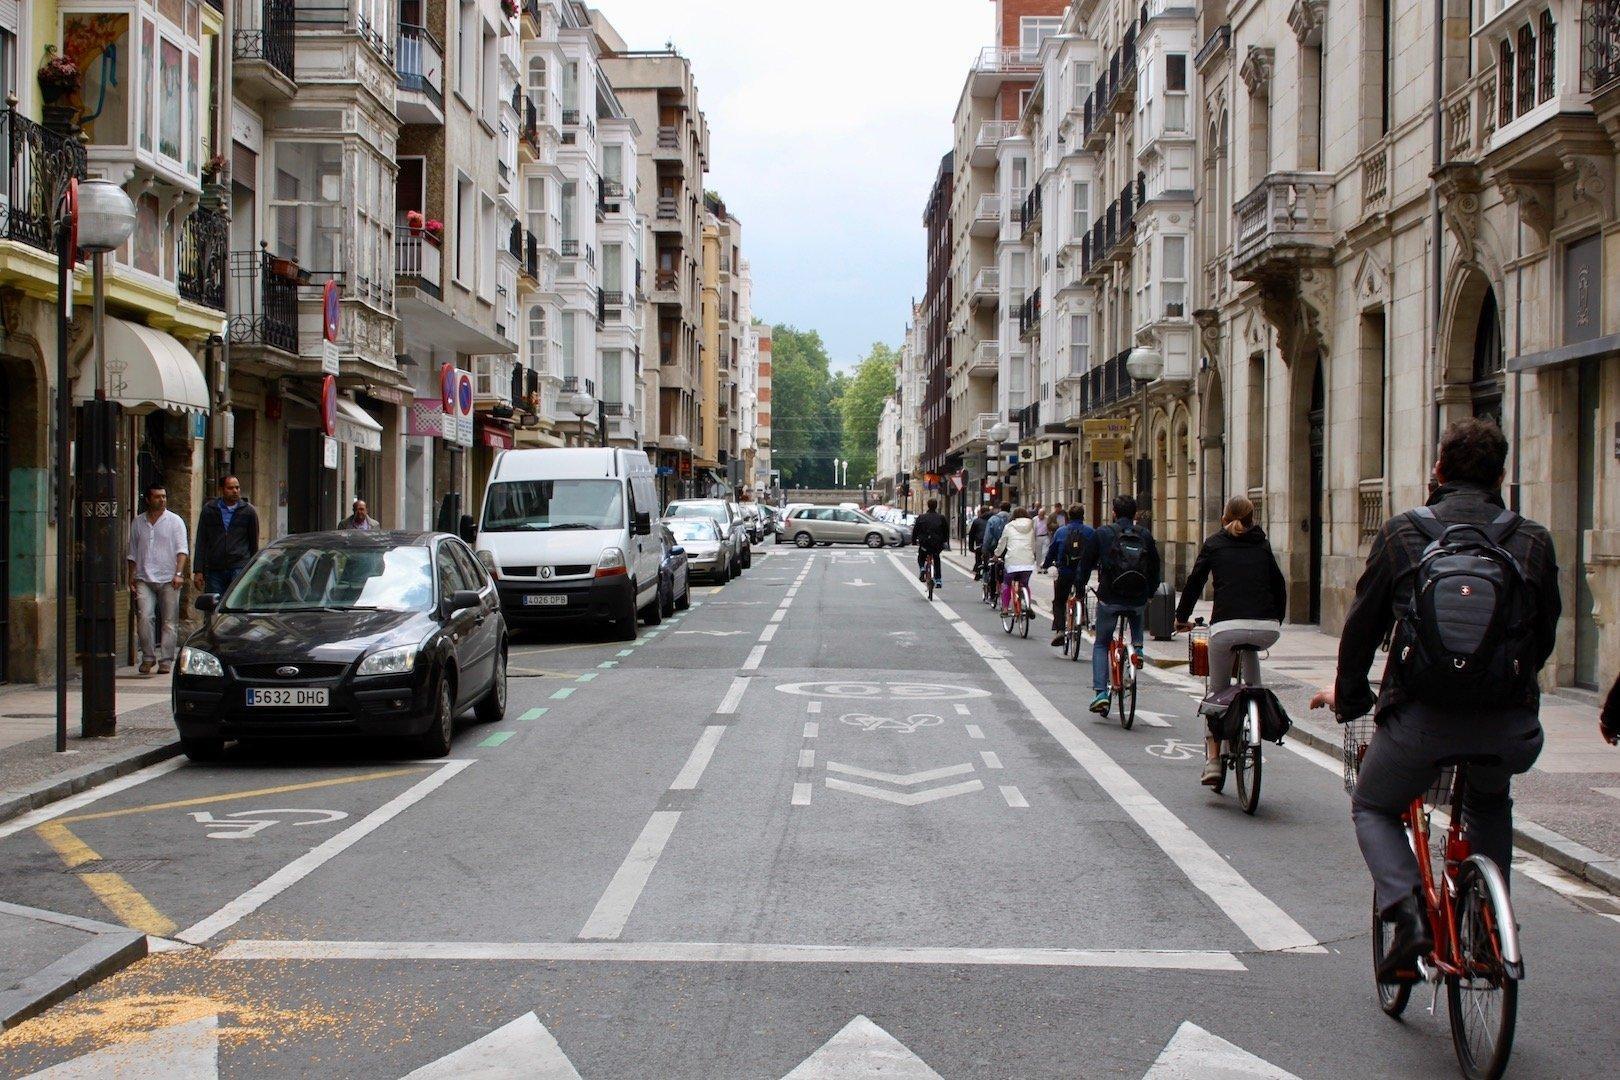 Eine Straße, die zwischen Altbauten verläuft. Radfahrer nutzen ein Teil der rechten Spur, links stehen parkende Autos.